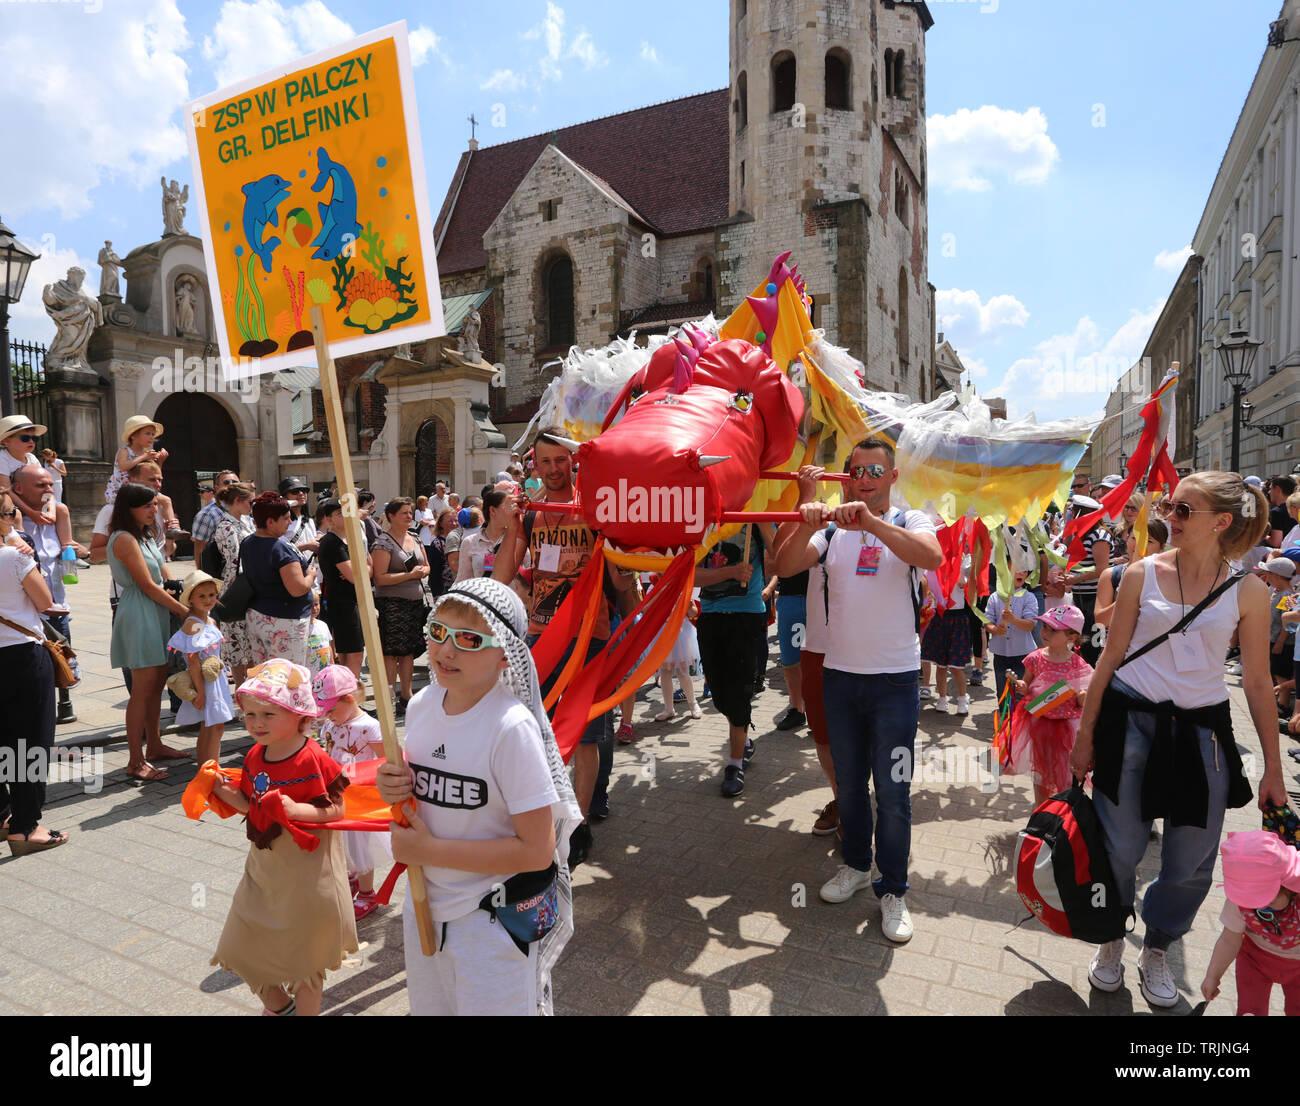 Krakau. Krakau. Polen. Drachen Parade, die jährliche Veranstaltung im Zentrum der Altstadt. Stockbild